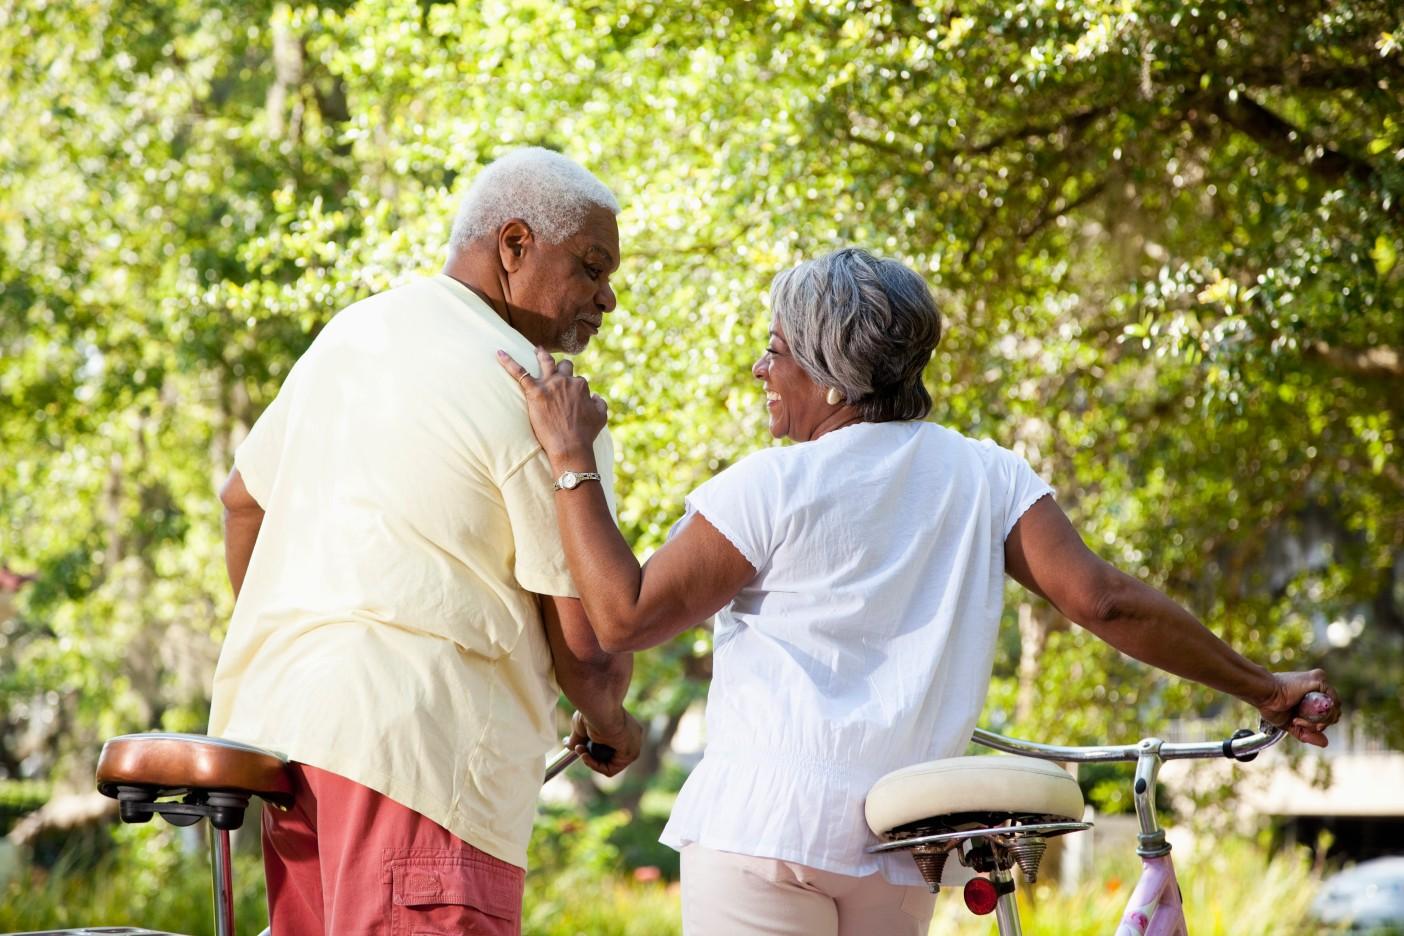 magas vérnyomás és az időjárás magas vérnyomás kezelése hobl